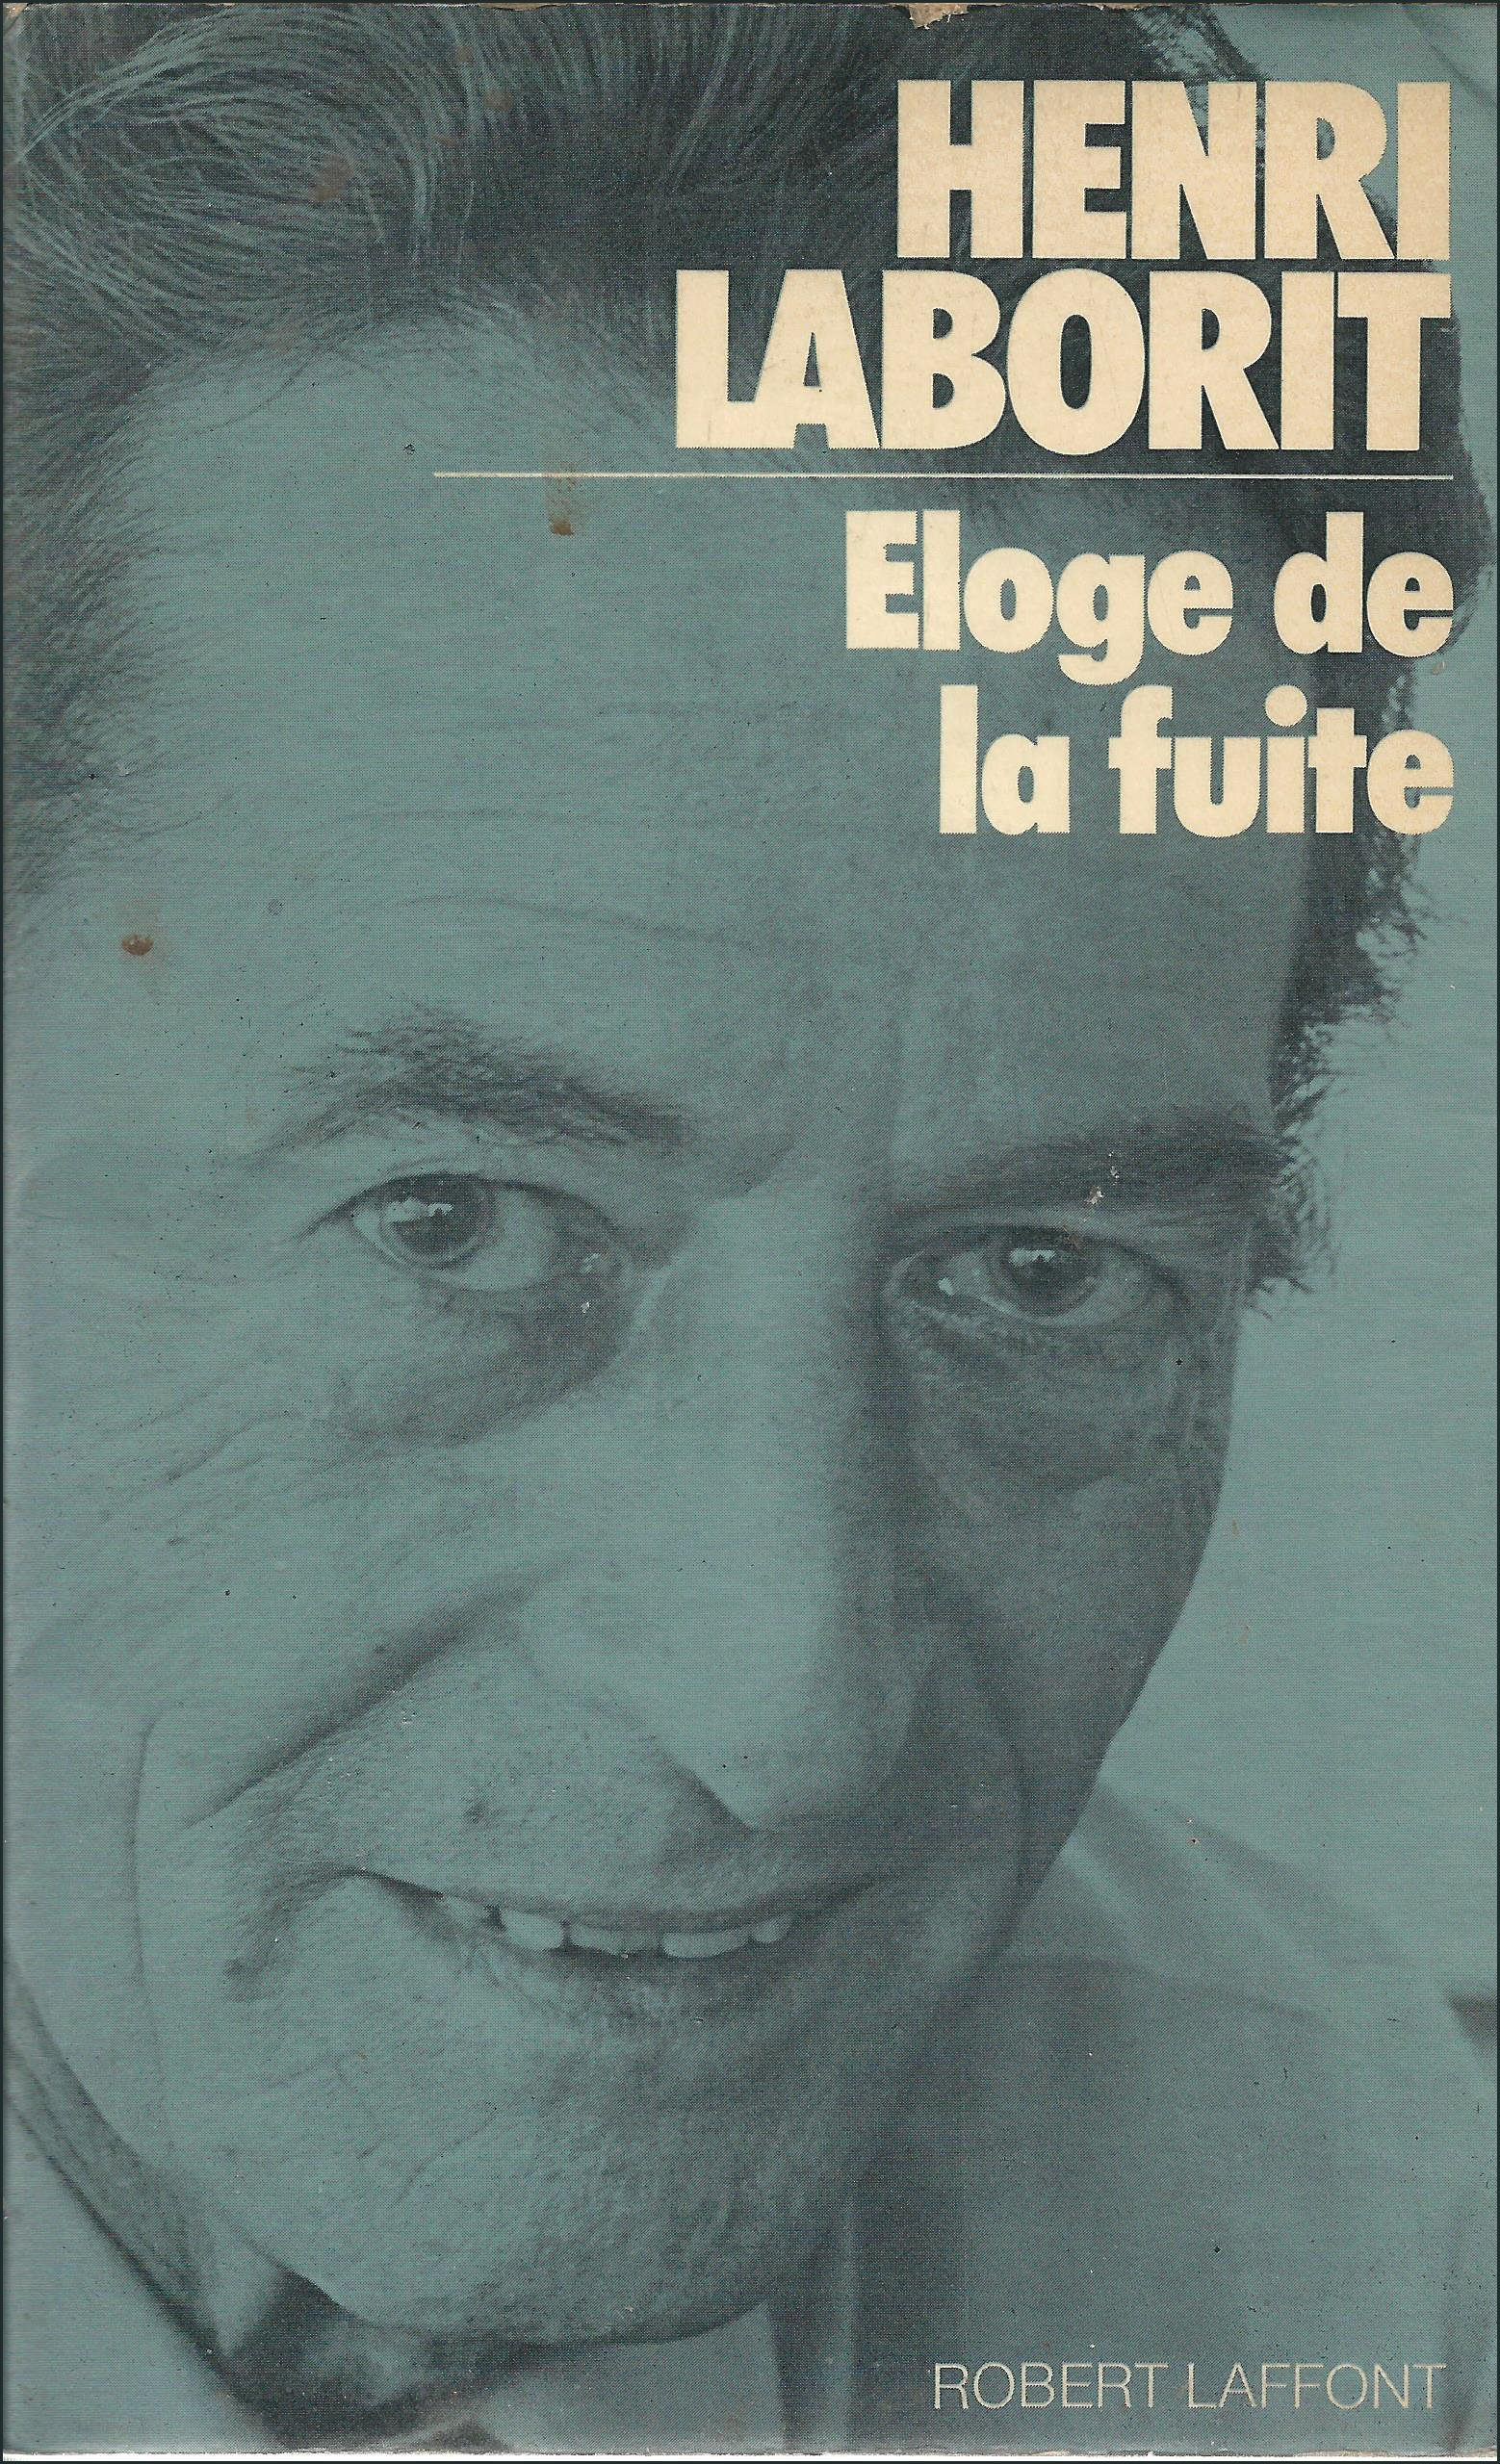 Amazon.fr - Eloge de la fuite - Laborit, Henri - Livres